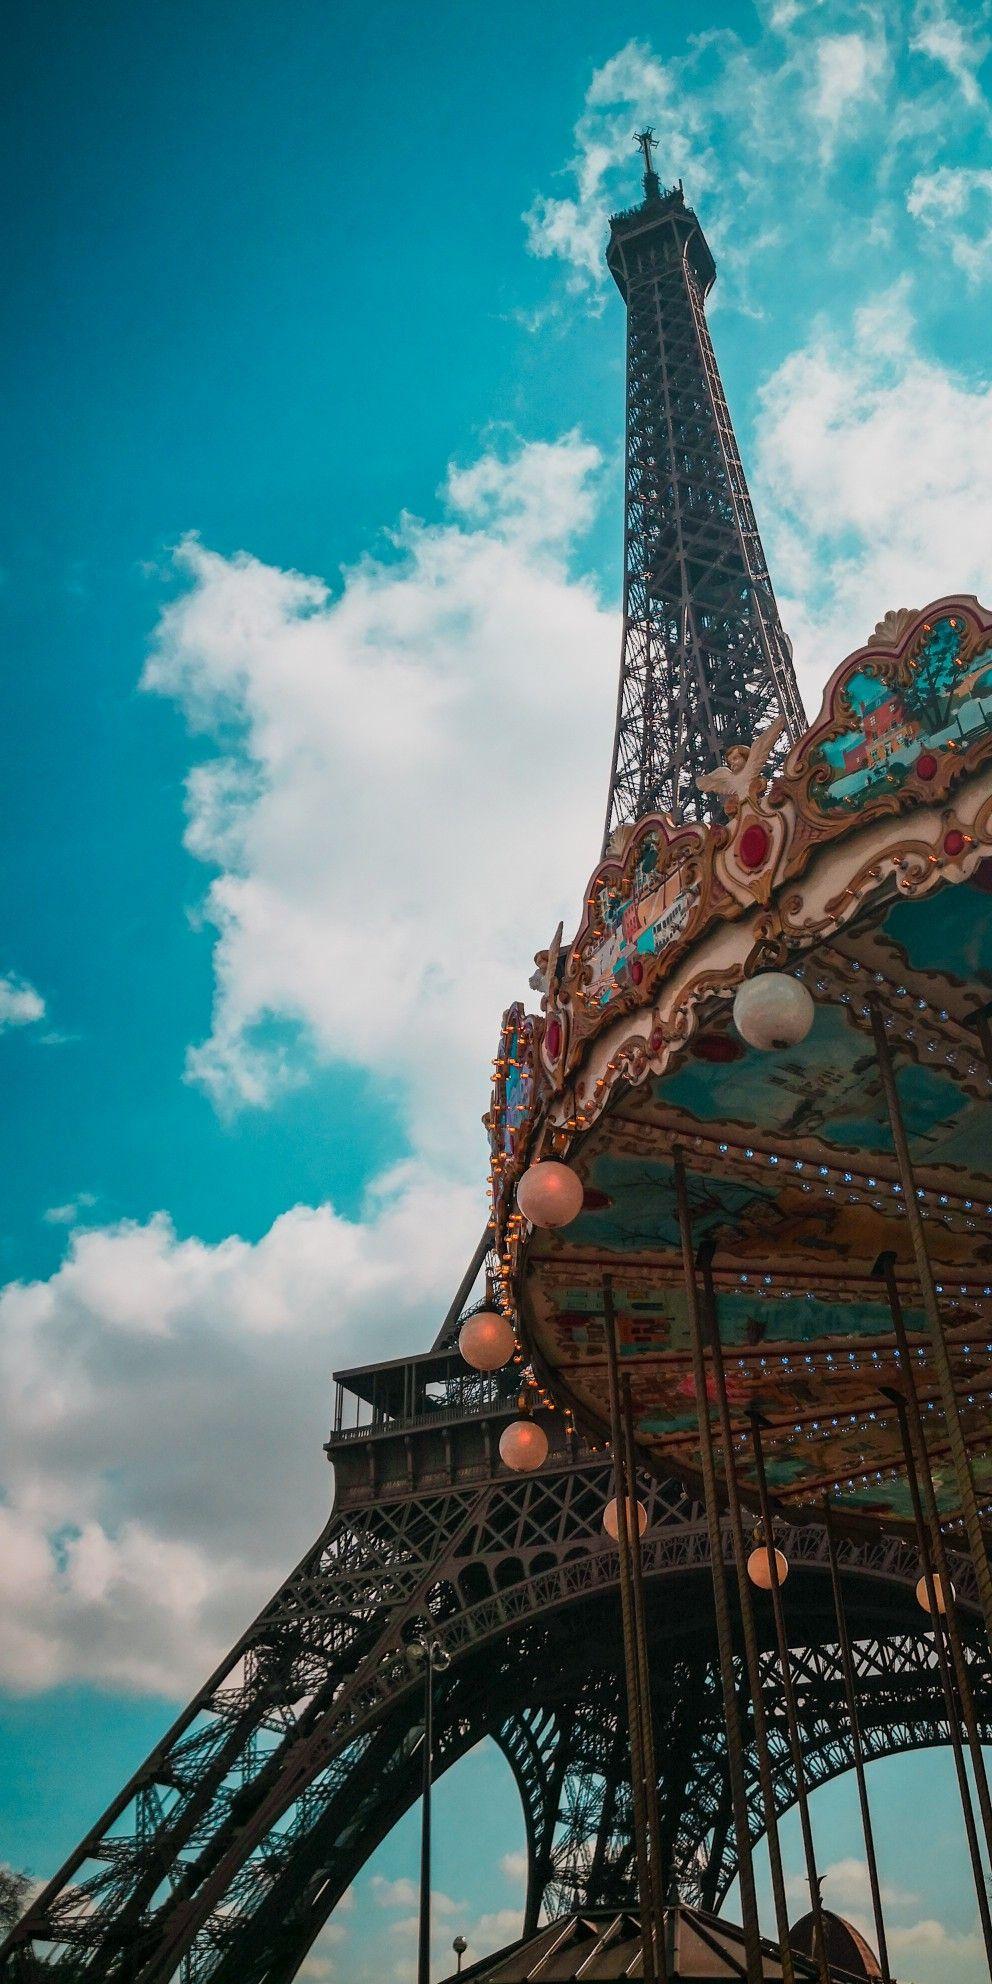 باريس سفر Travel Paris Francia Scenery Wallpaper Eiffel Tower Pictures